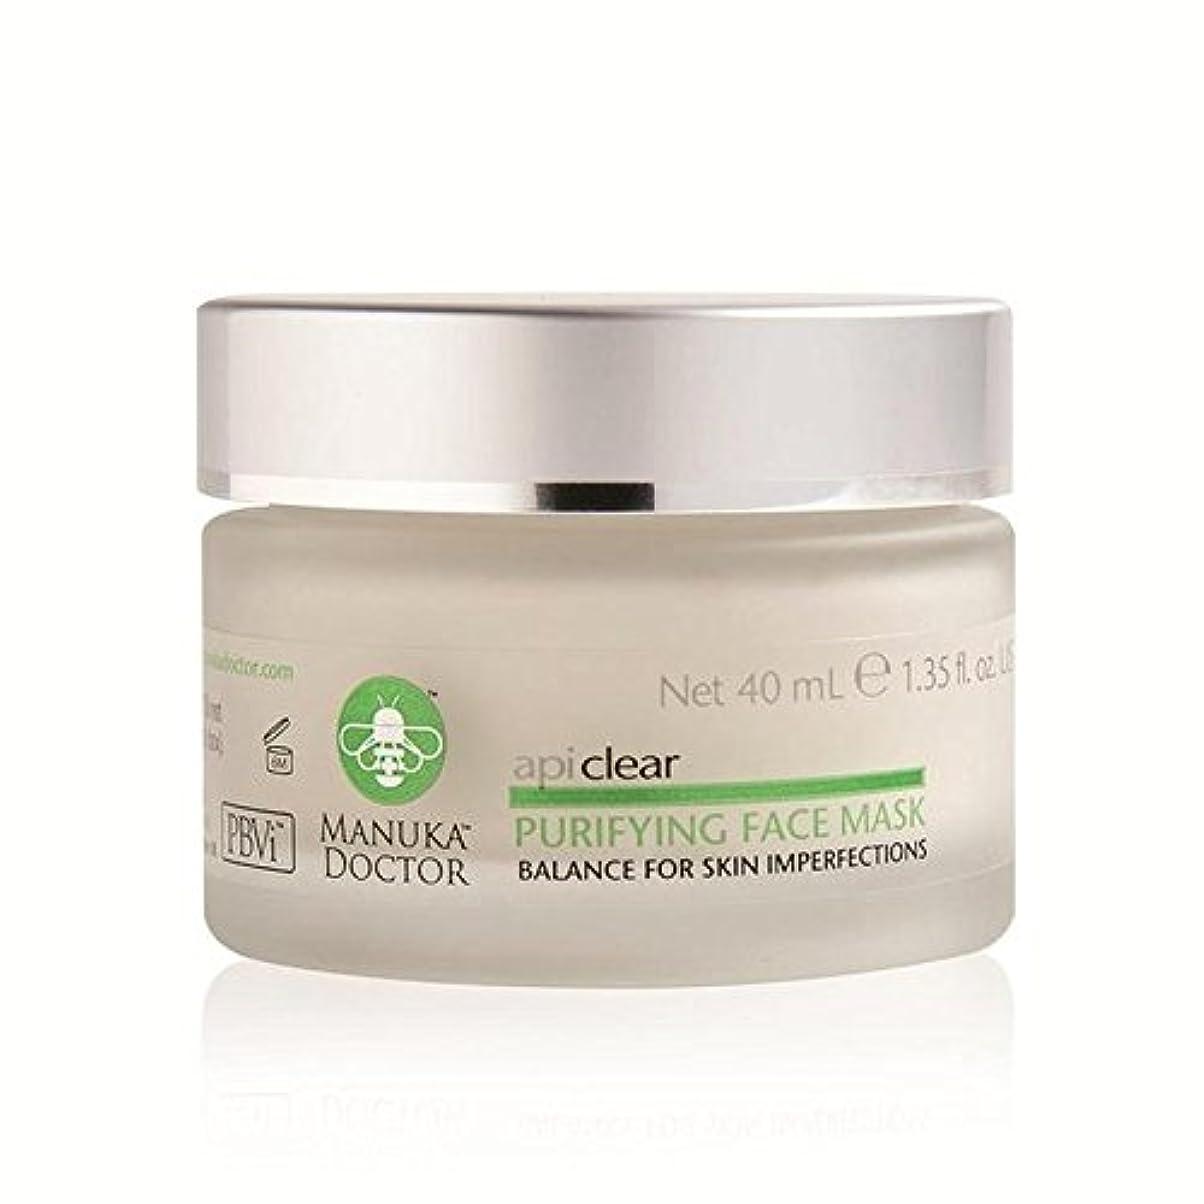 消費者海外で章Manuka Doctor Api Clear Purifying Face Mask 40ml (Pack of 6) - マヌカドクター明確な浄化フェイスマスク40ミリリットル x6 [並行輸入品]